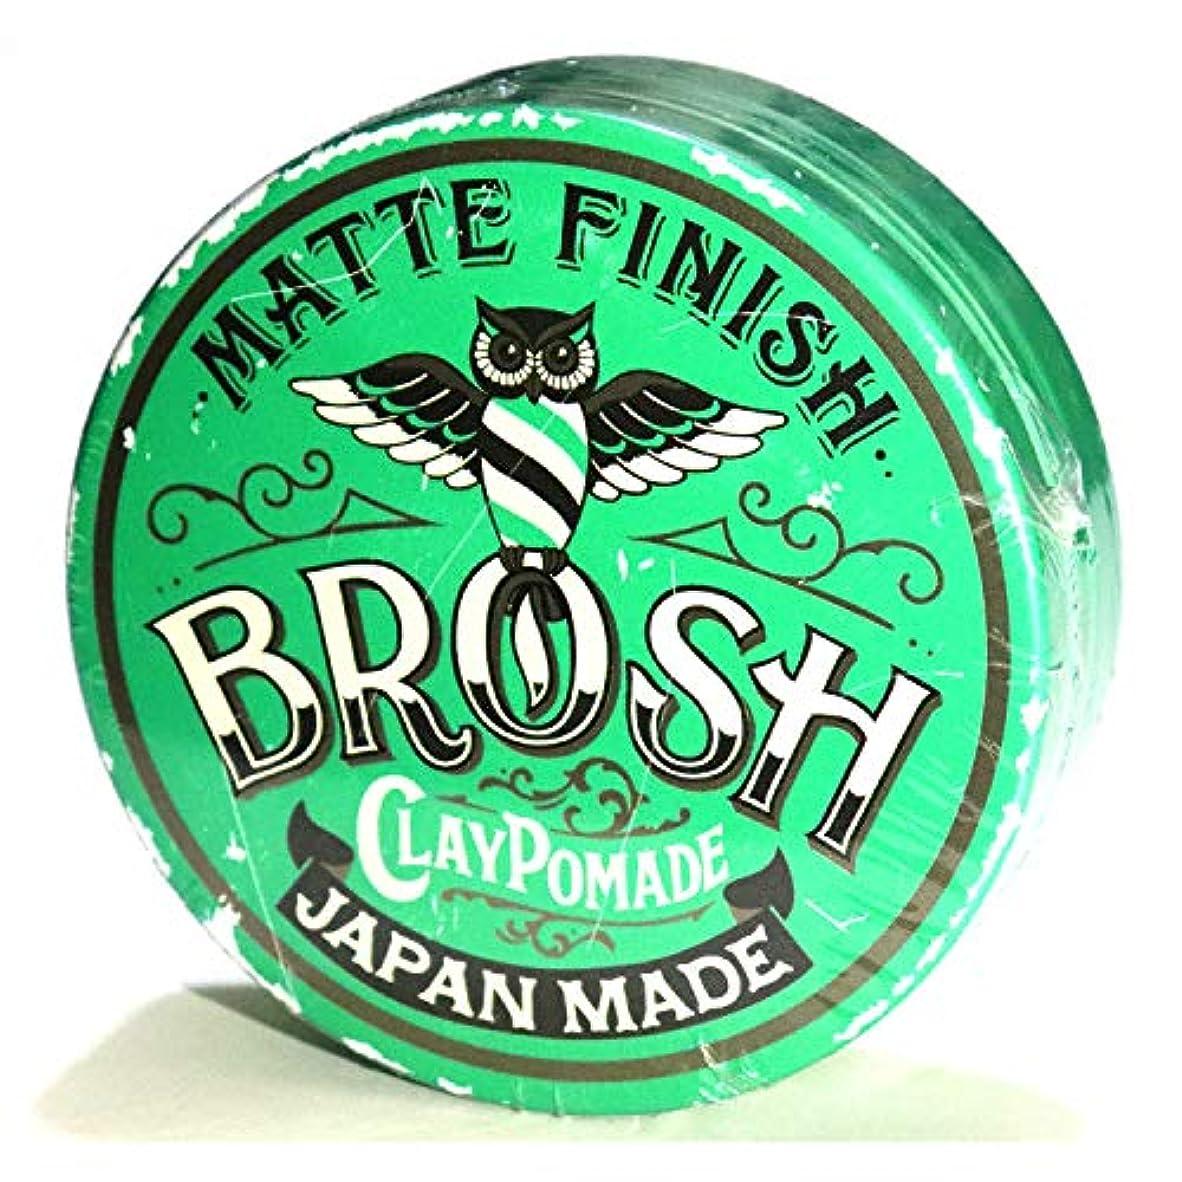 留め金政治家のクリークBROSH (ブロッシュ) BROSH CLAY POMADE 115g 水性ポマード 整髪料 マット